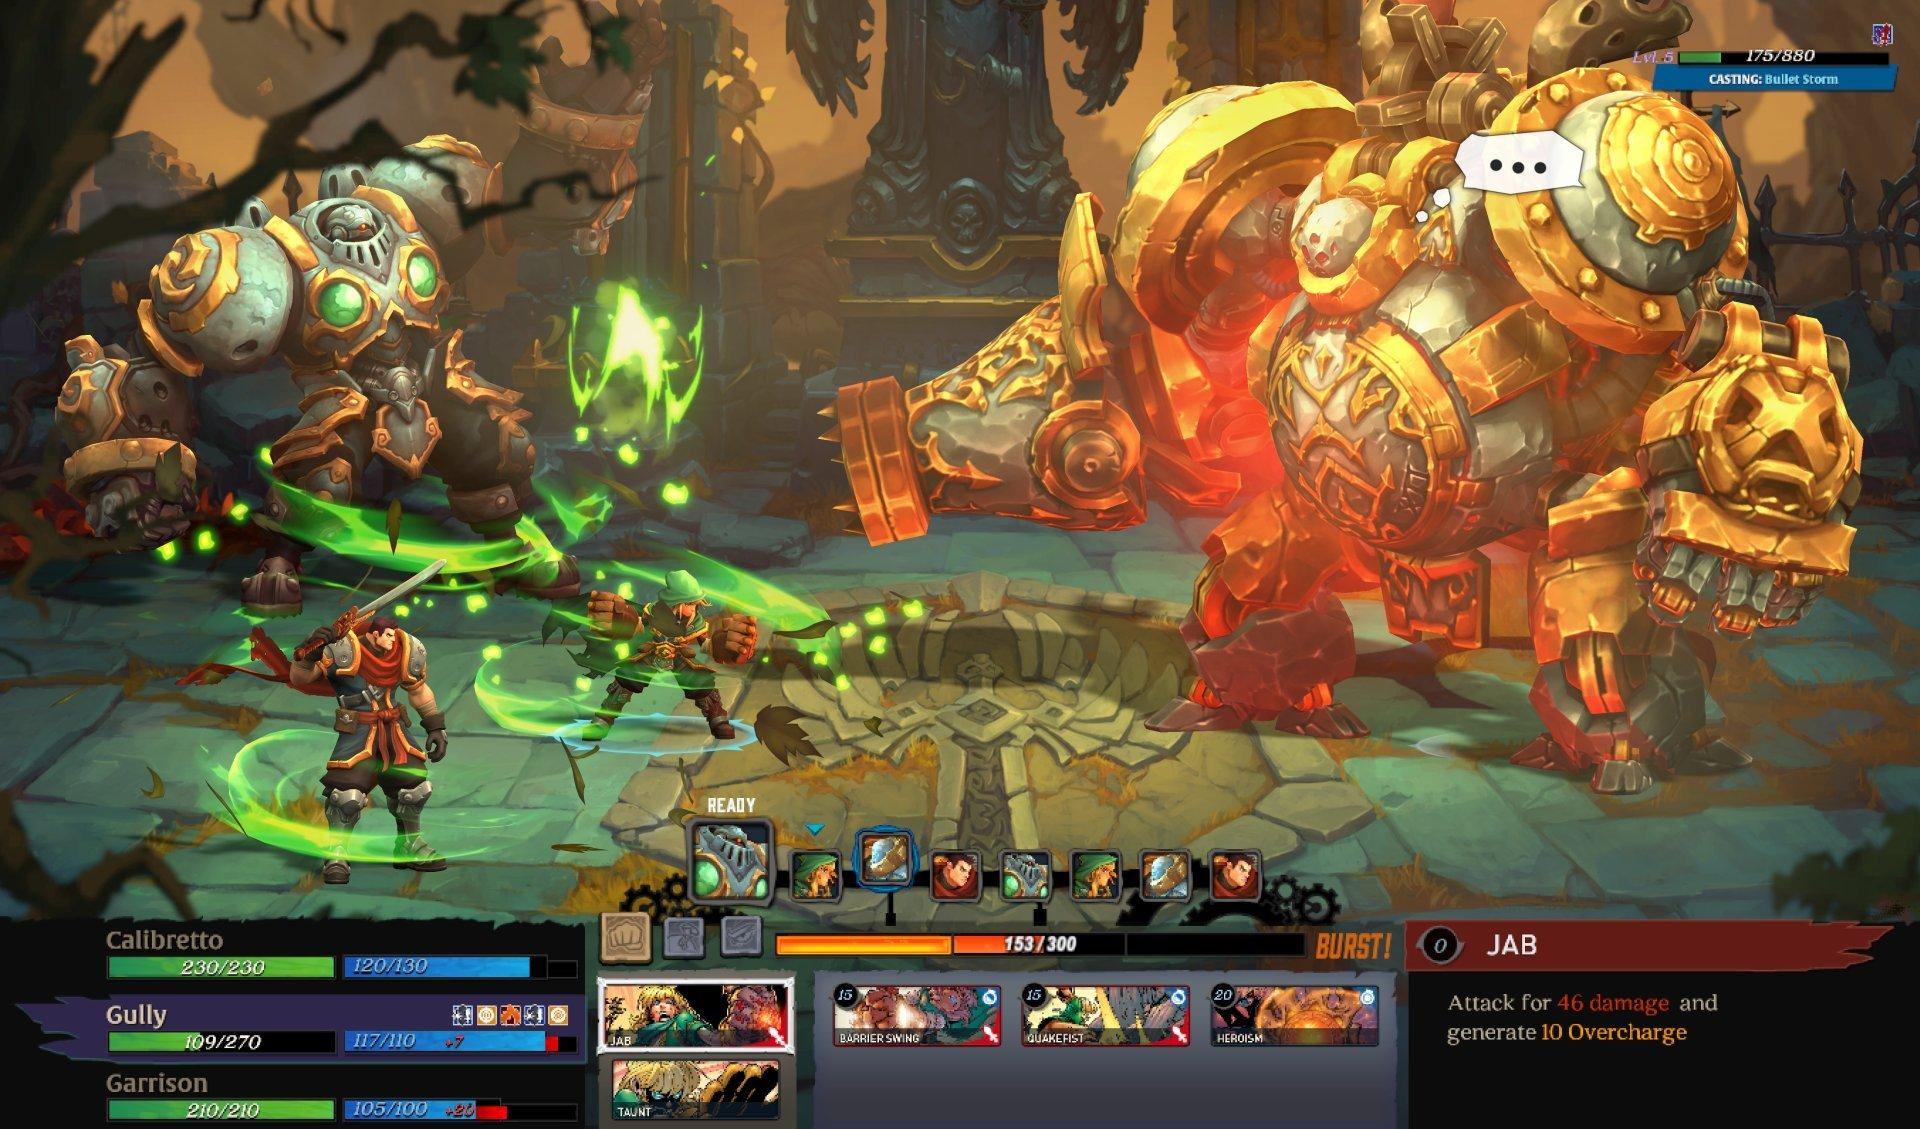 Imagens de Battle Chasers: Nightwar